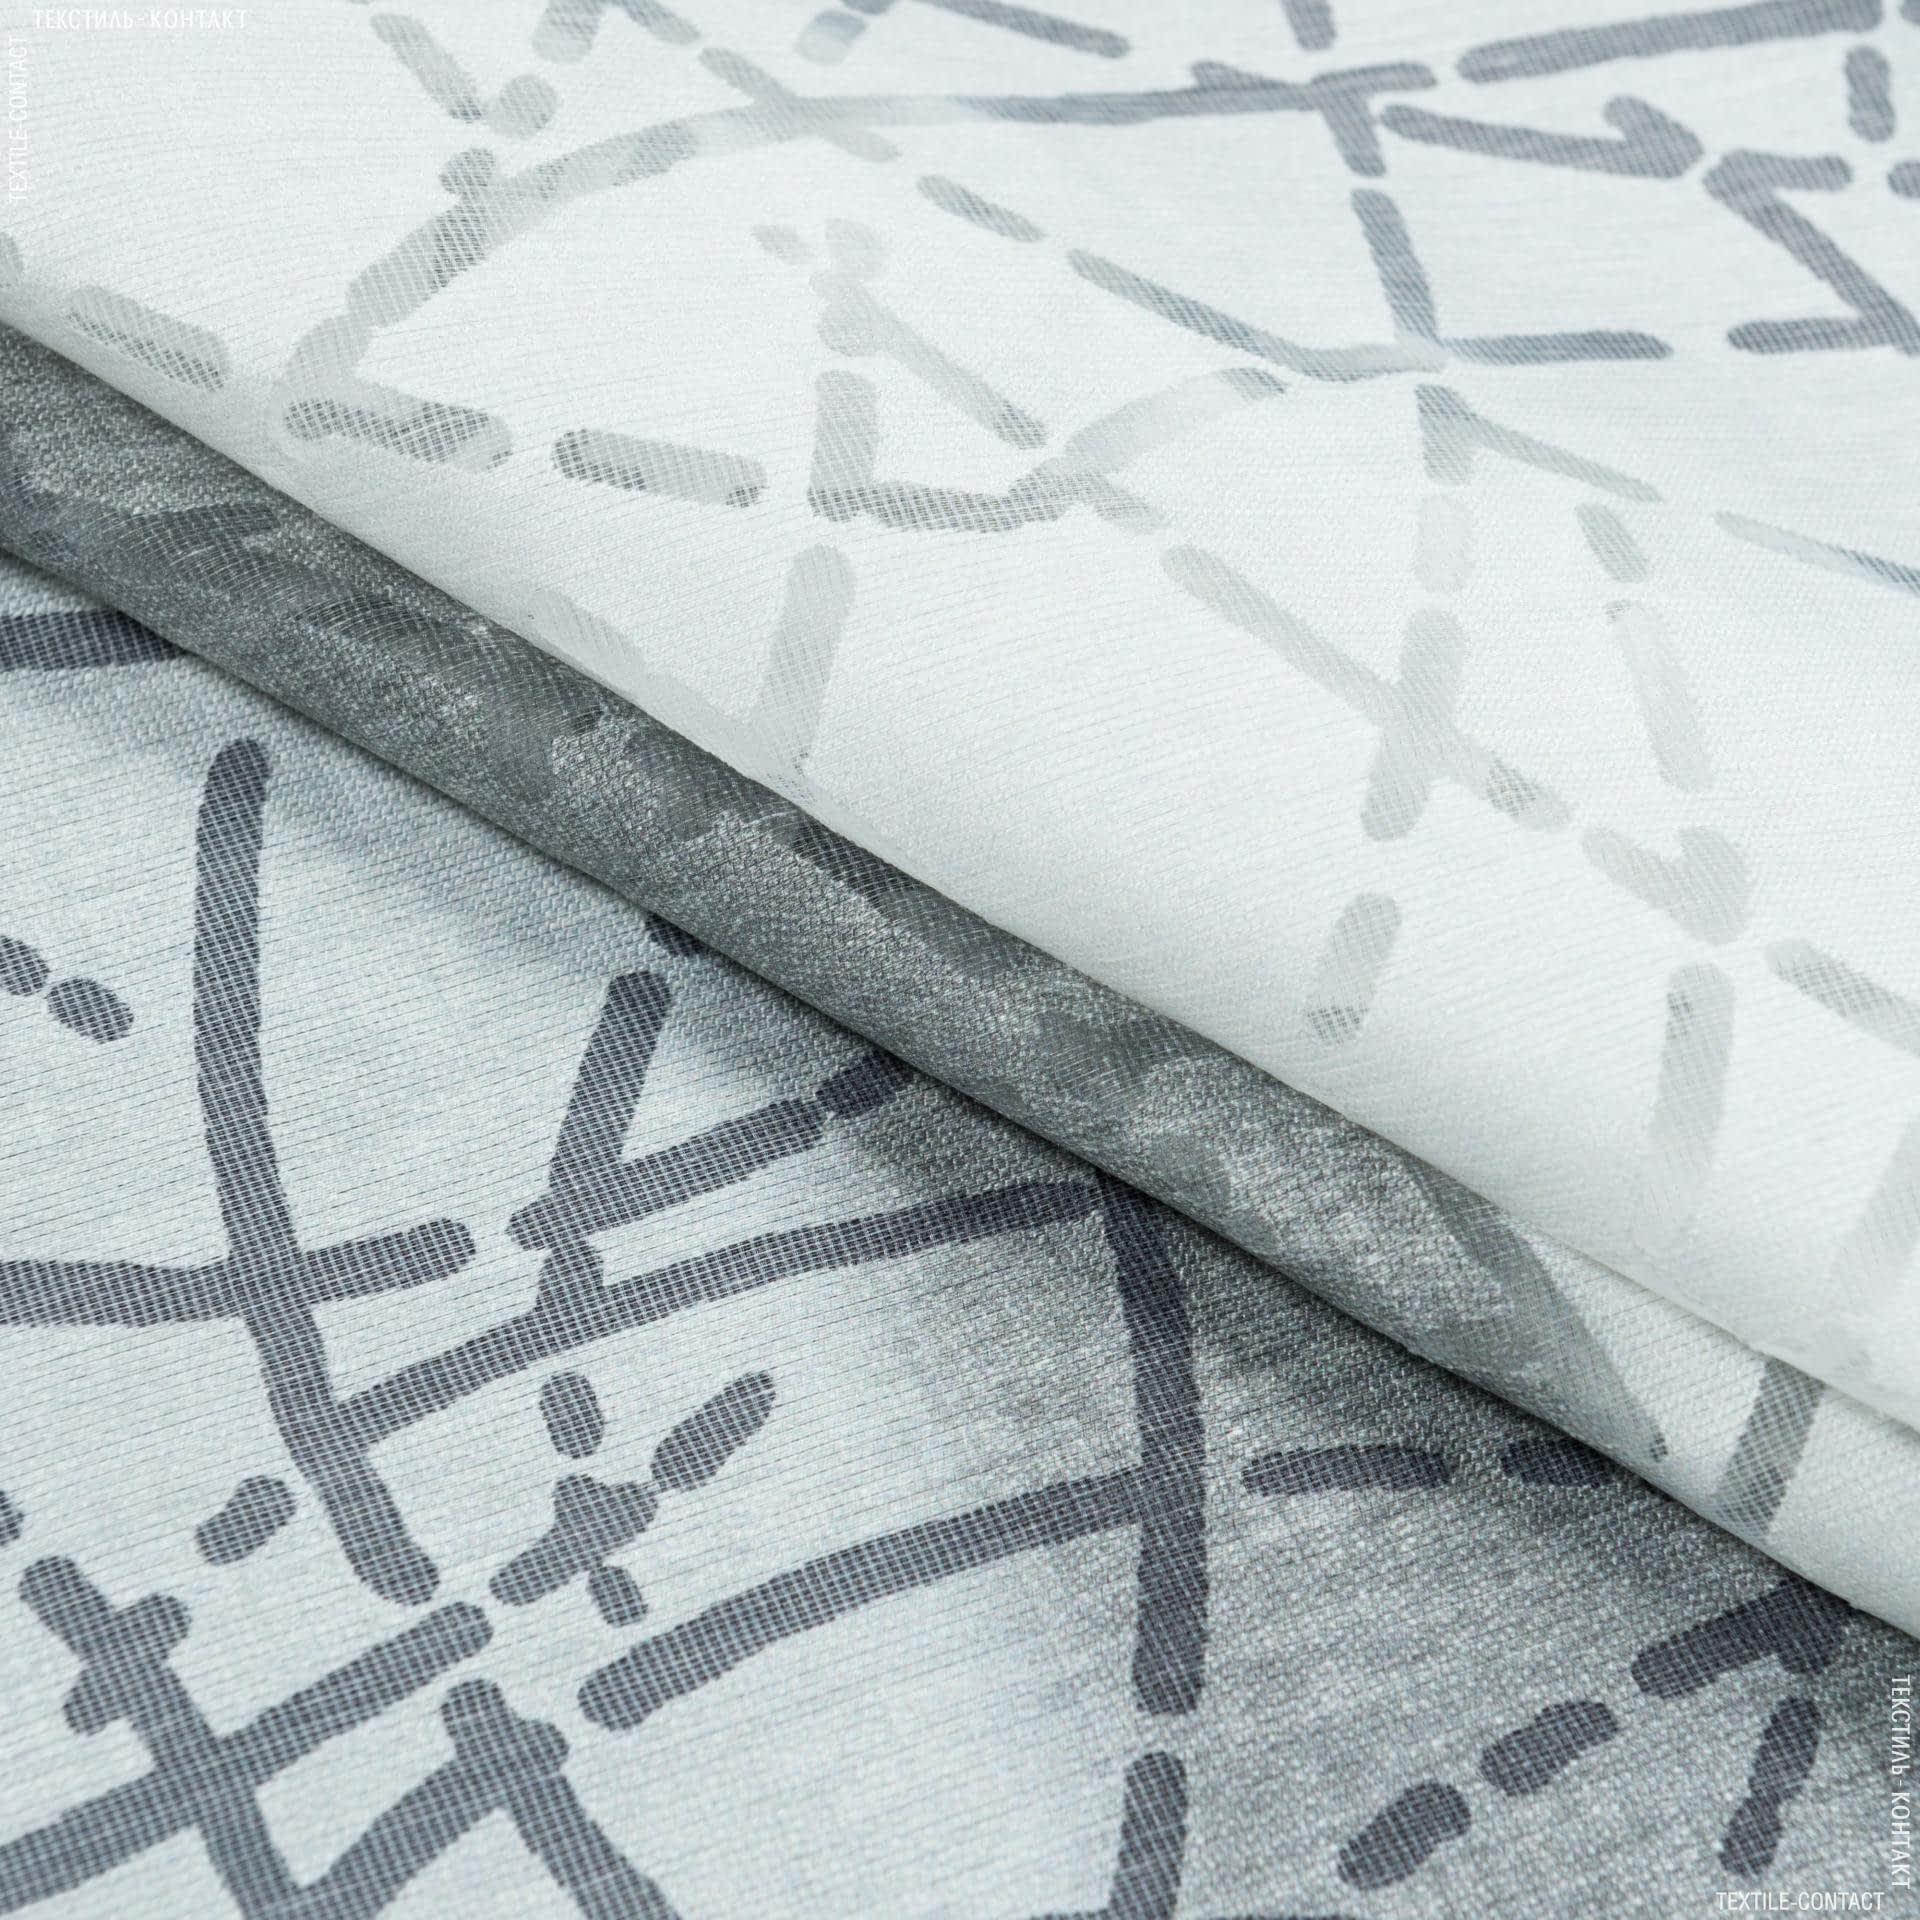 Тканини для тюлі - Тюль випал з обважнювачем лука/lucca т.сірий